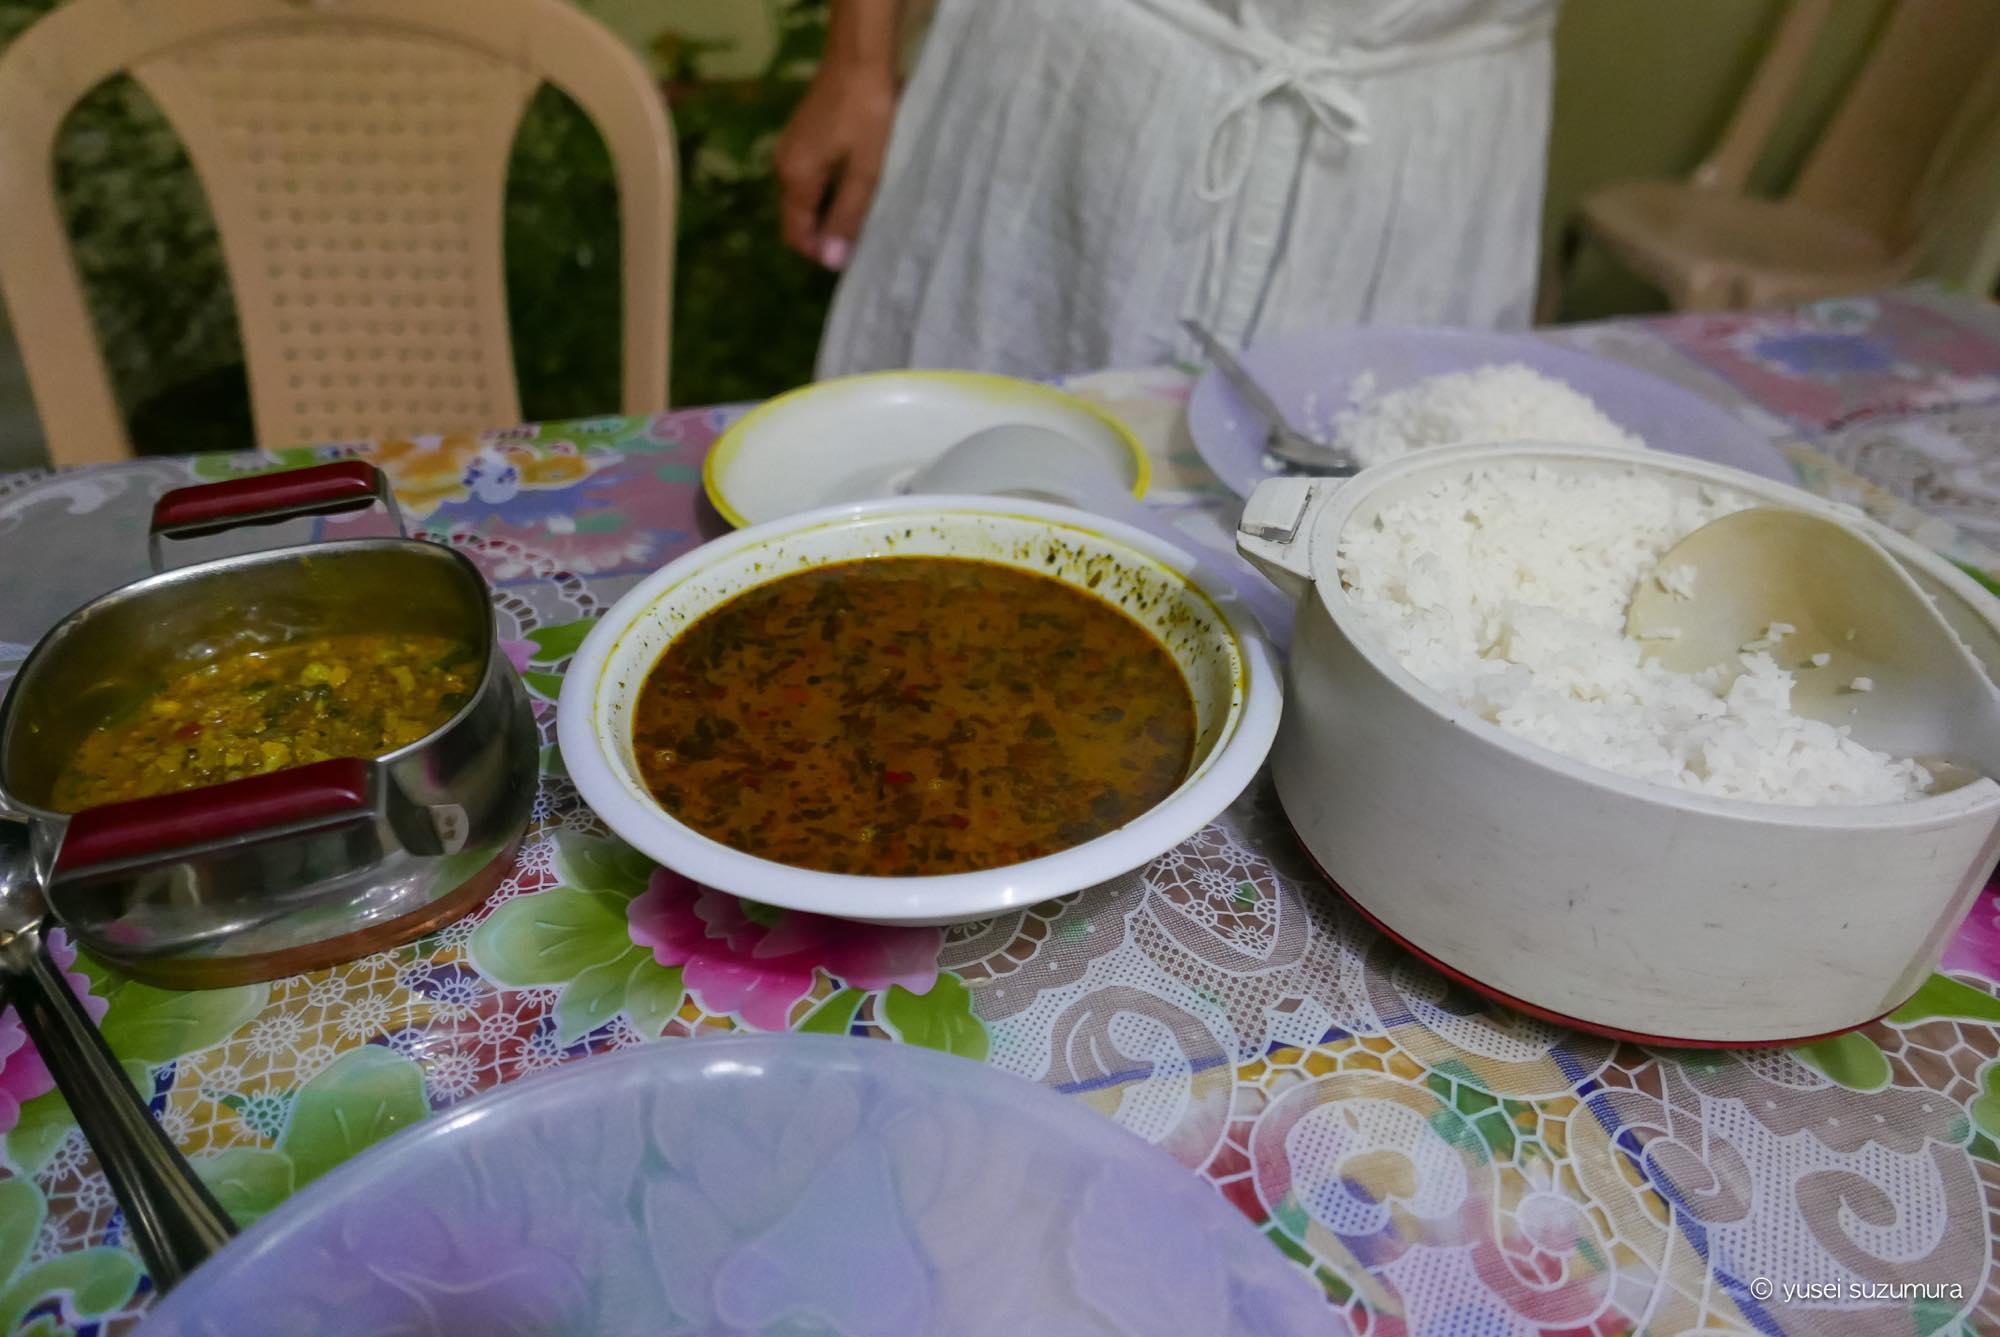 トゥルトゥク ご飯